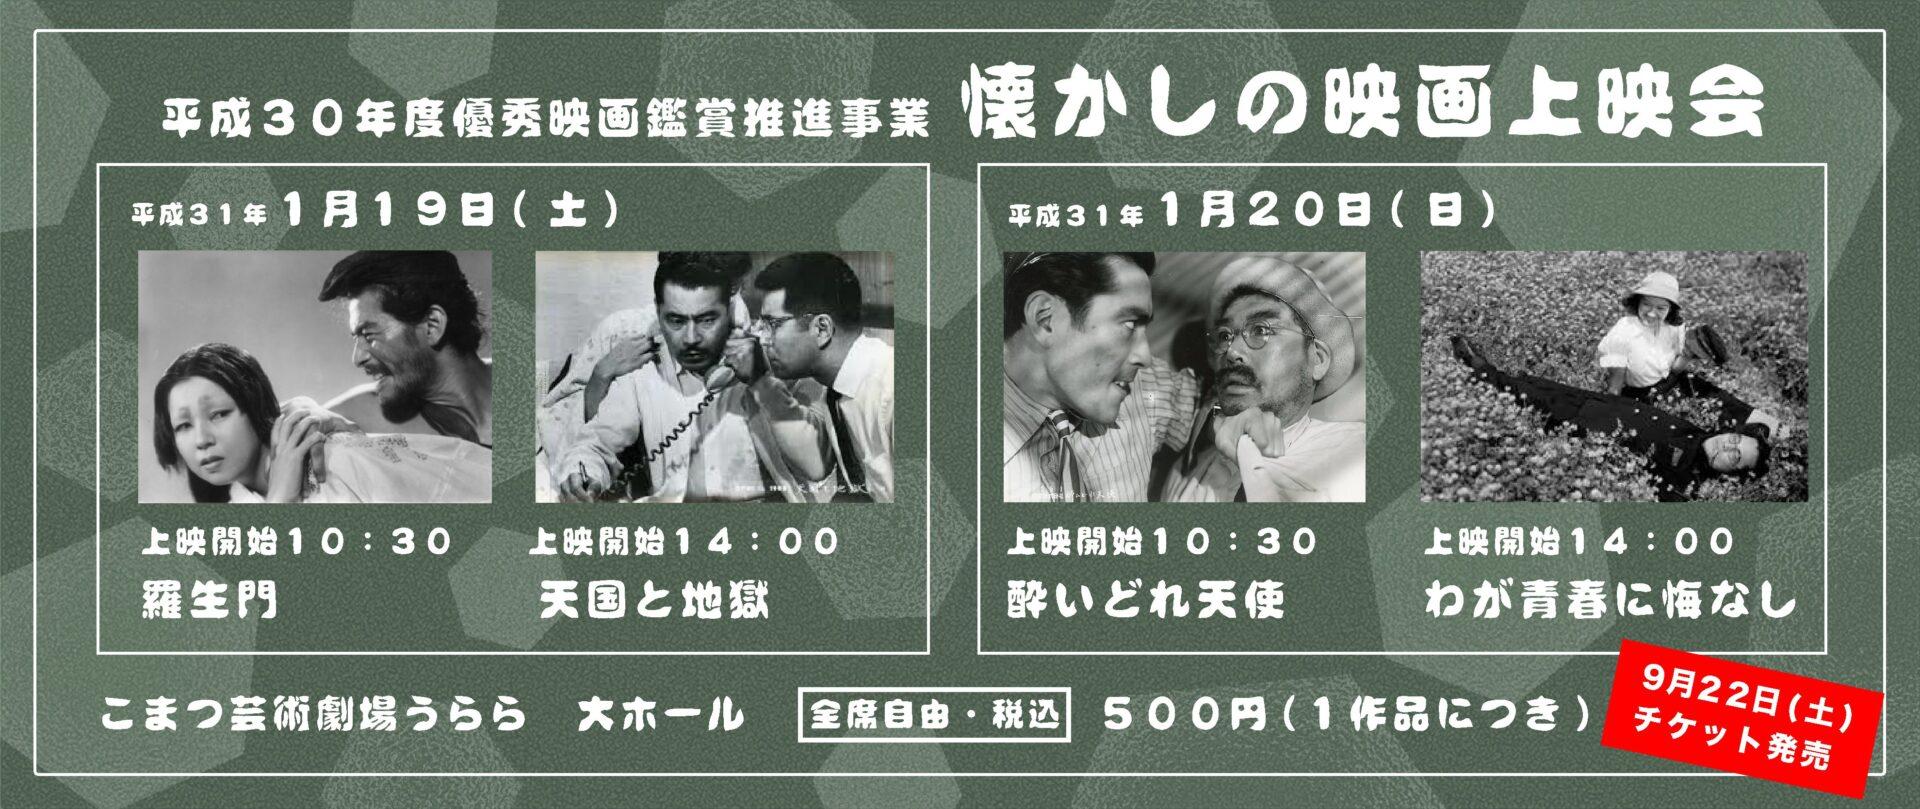 平成30年度優秀映画鑑賞推進事業